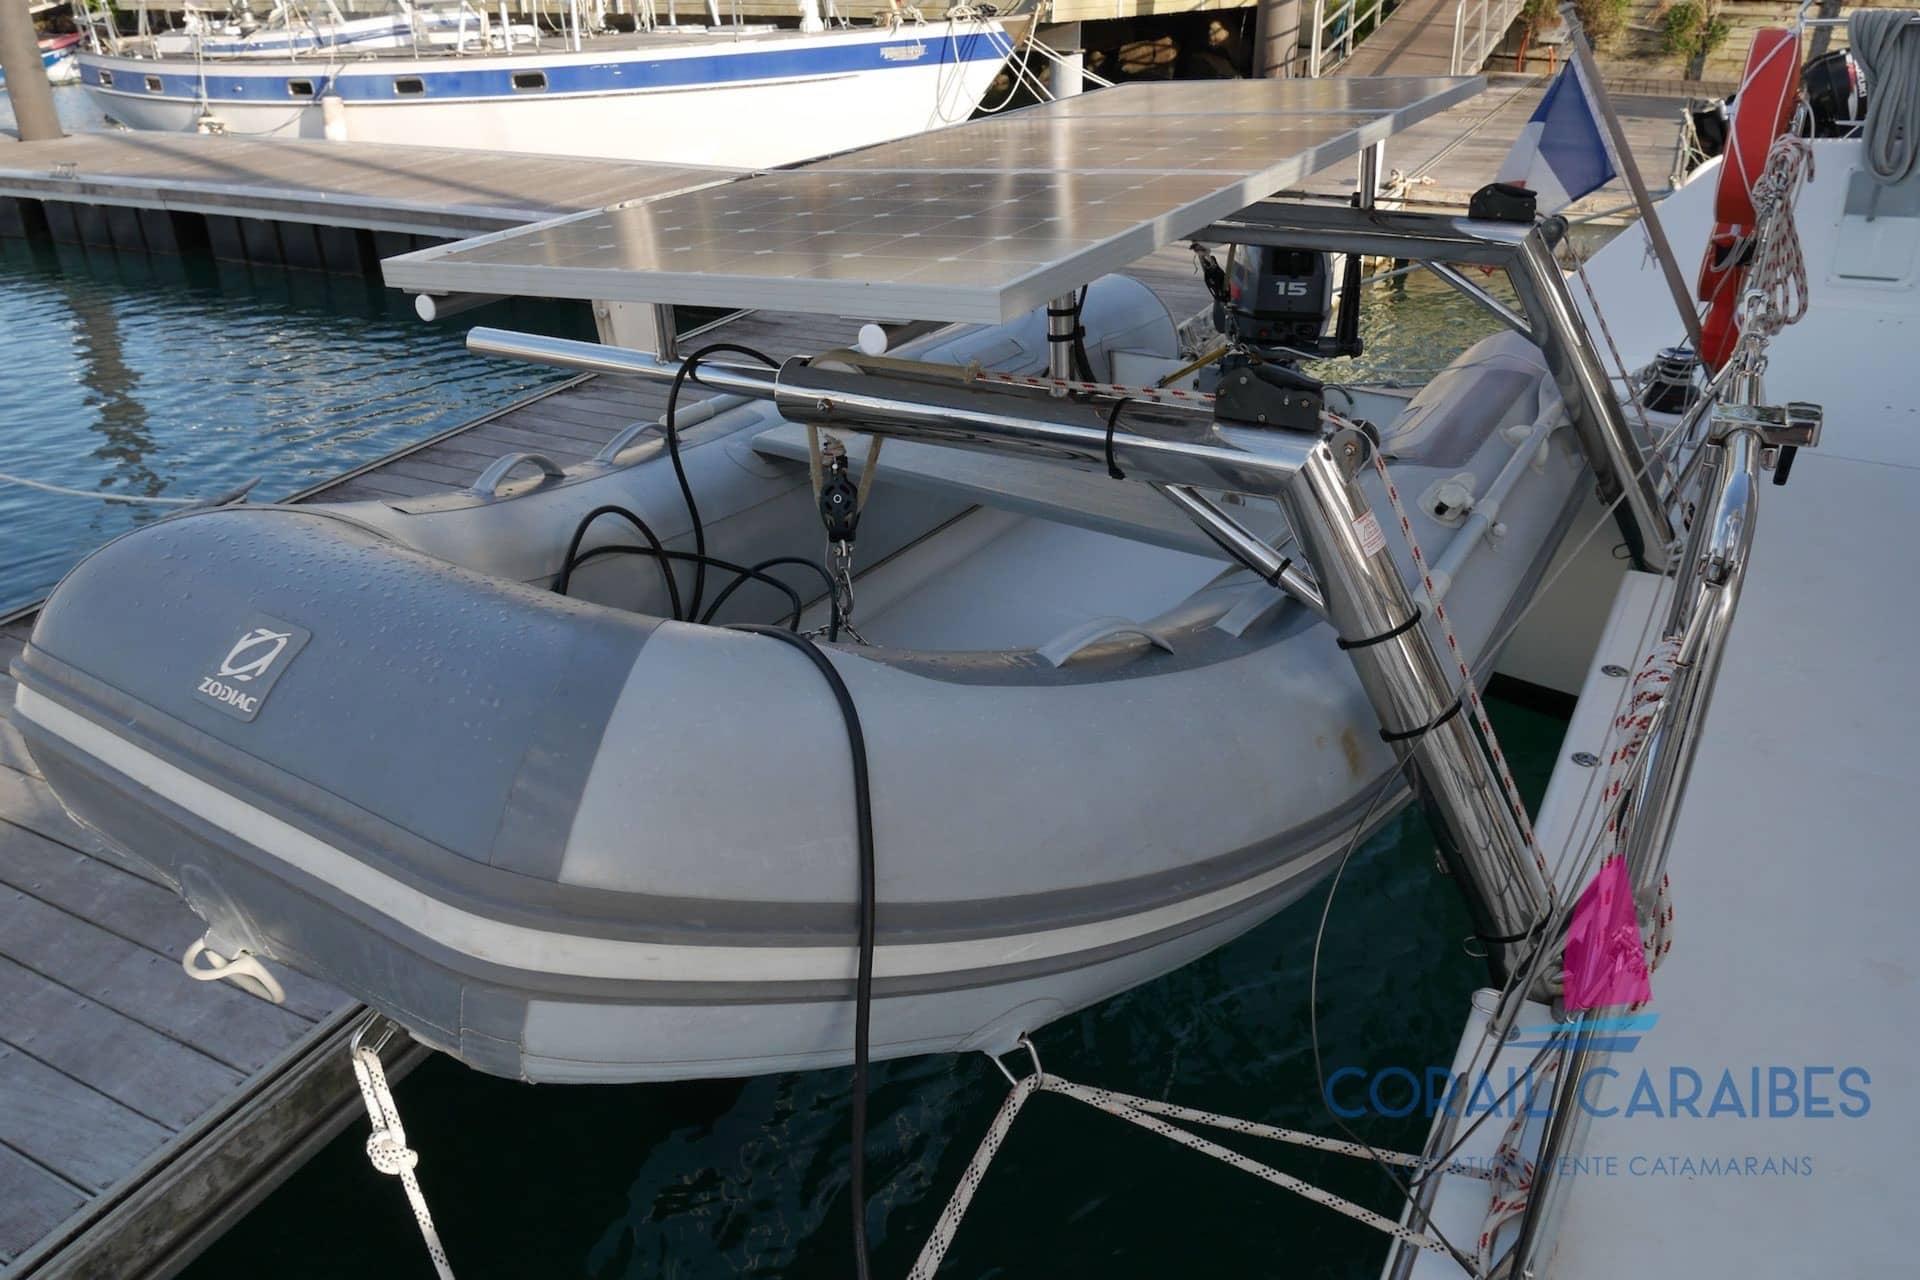 Lagoon-450-Sportop-Corail-Caraibes-4